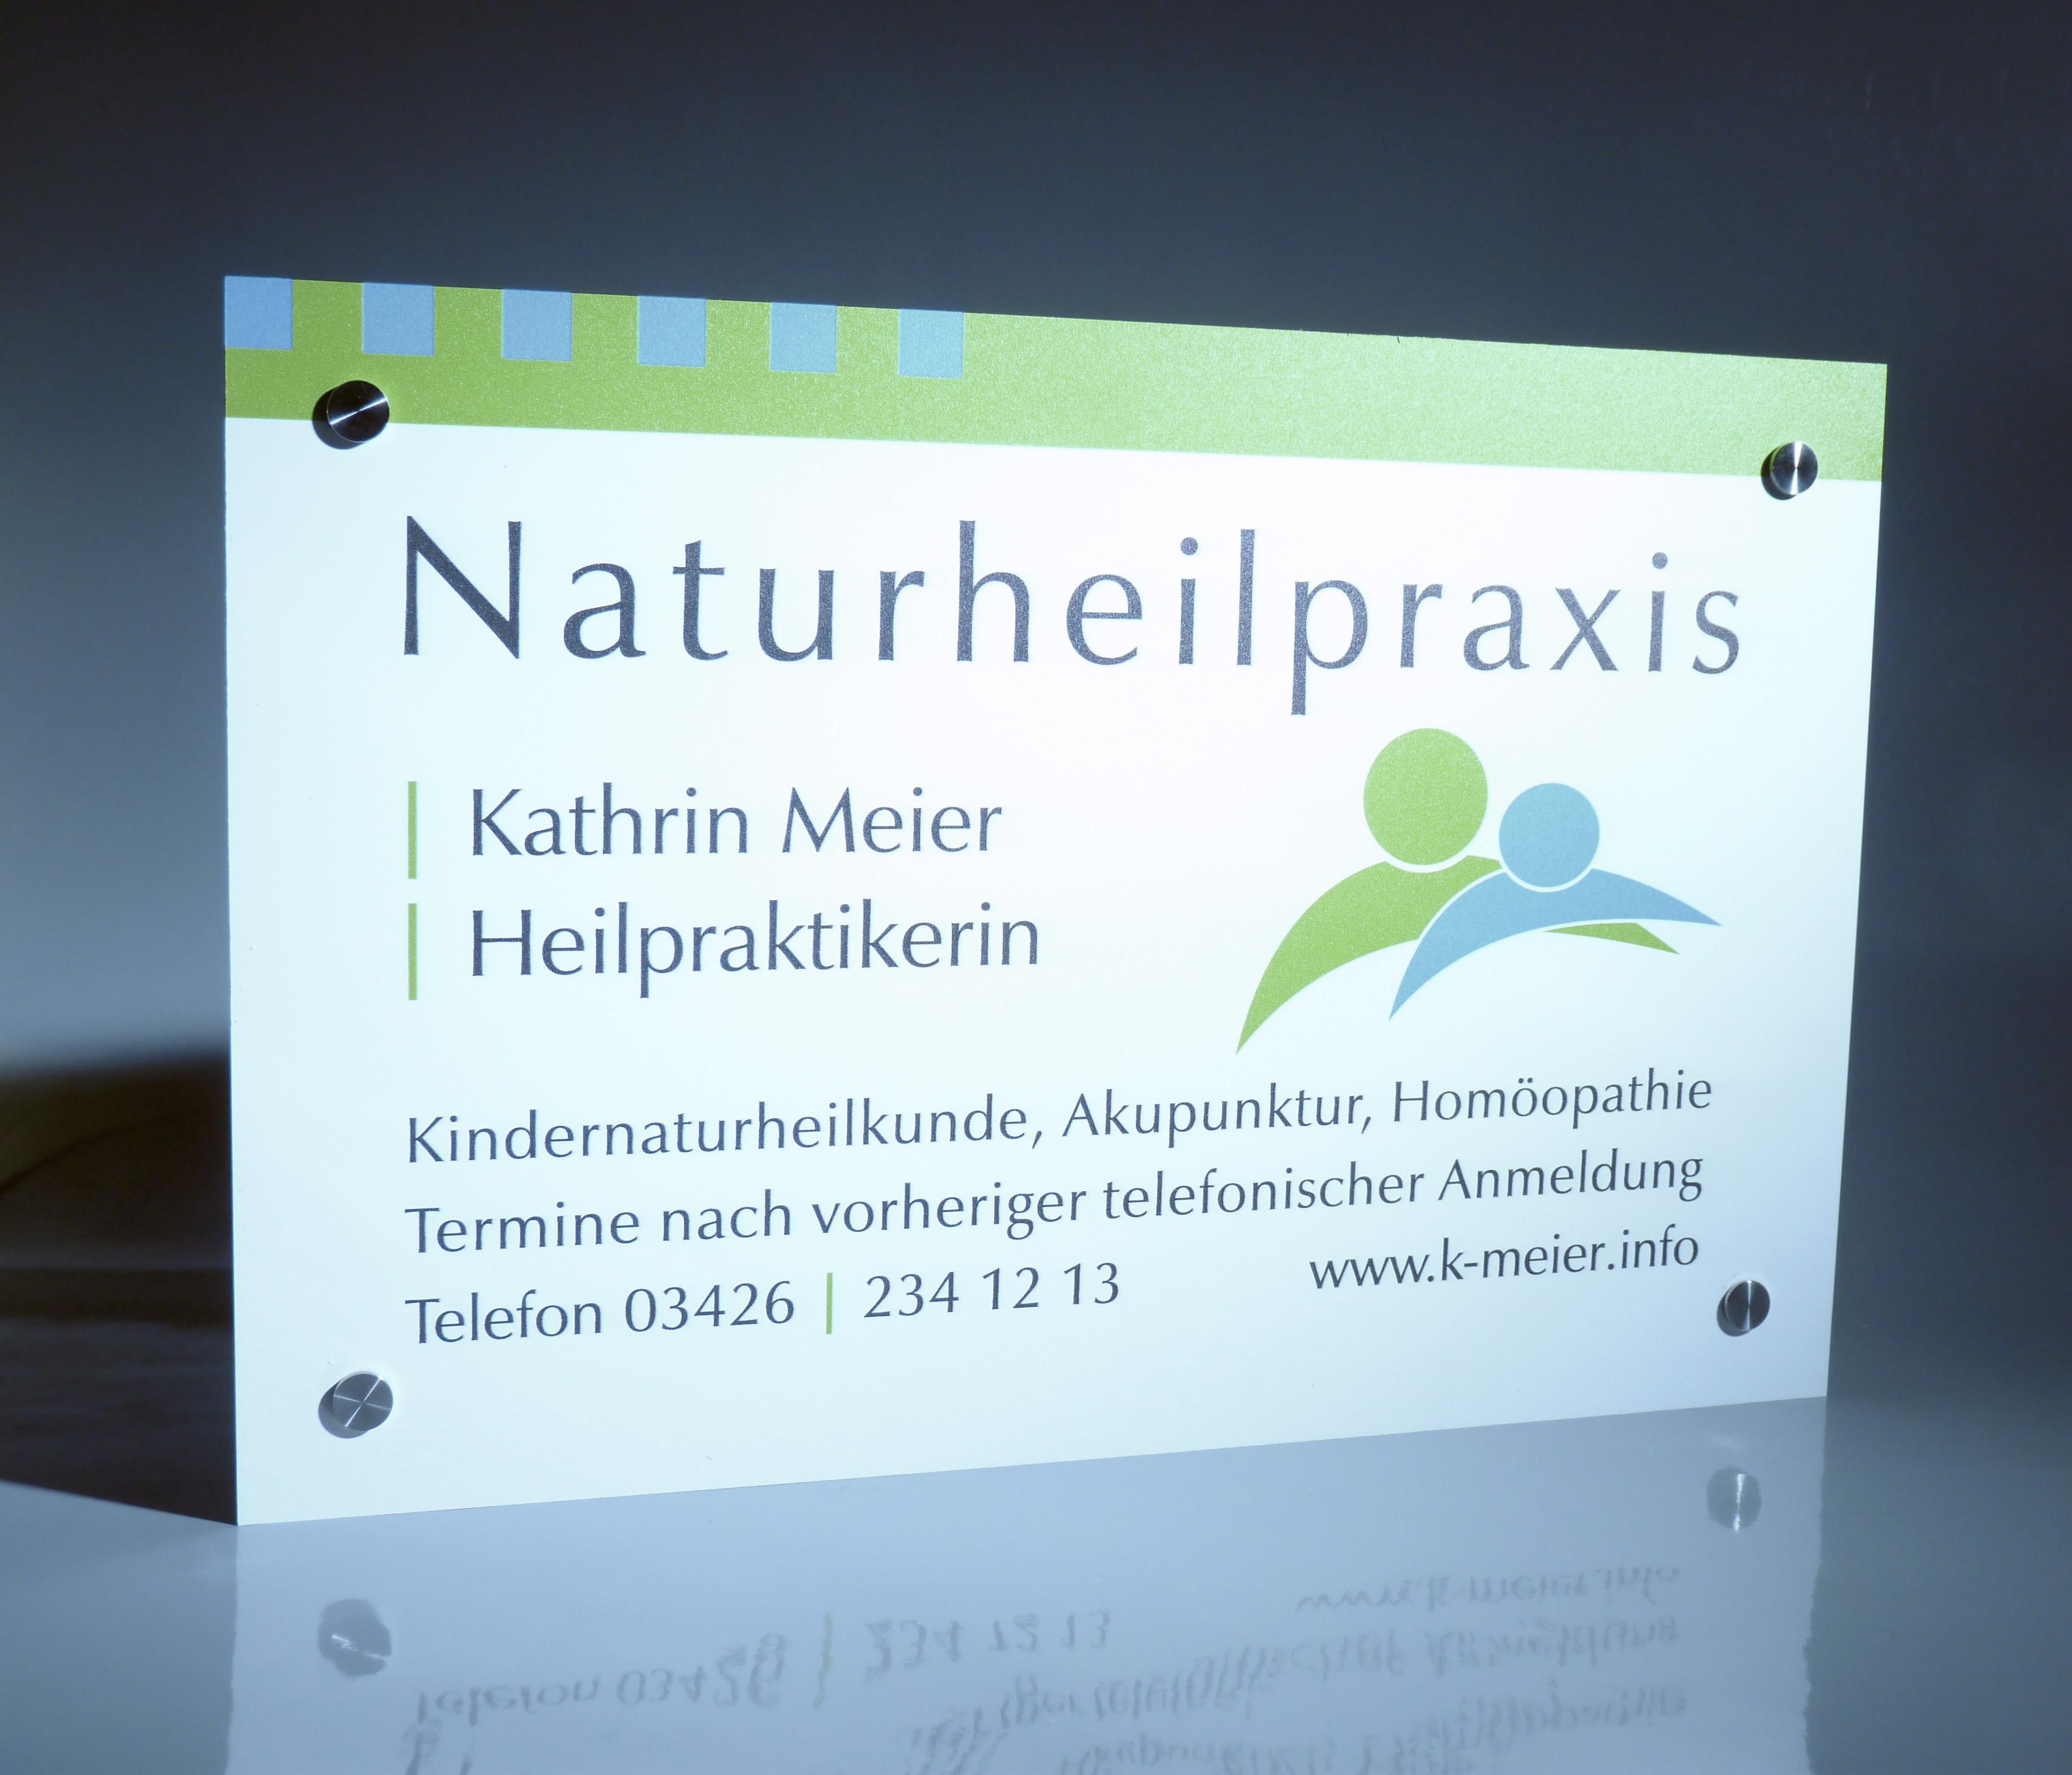 Naturheilpraxis Schild aus Acrylglas - Werbeschild 24 Schilder